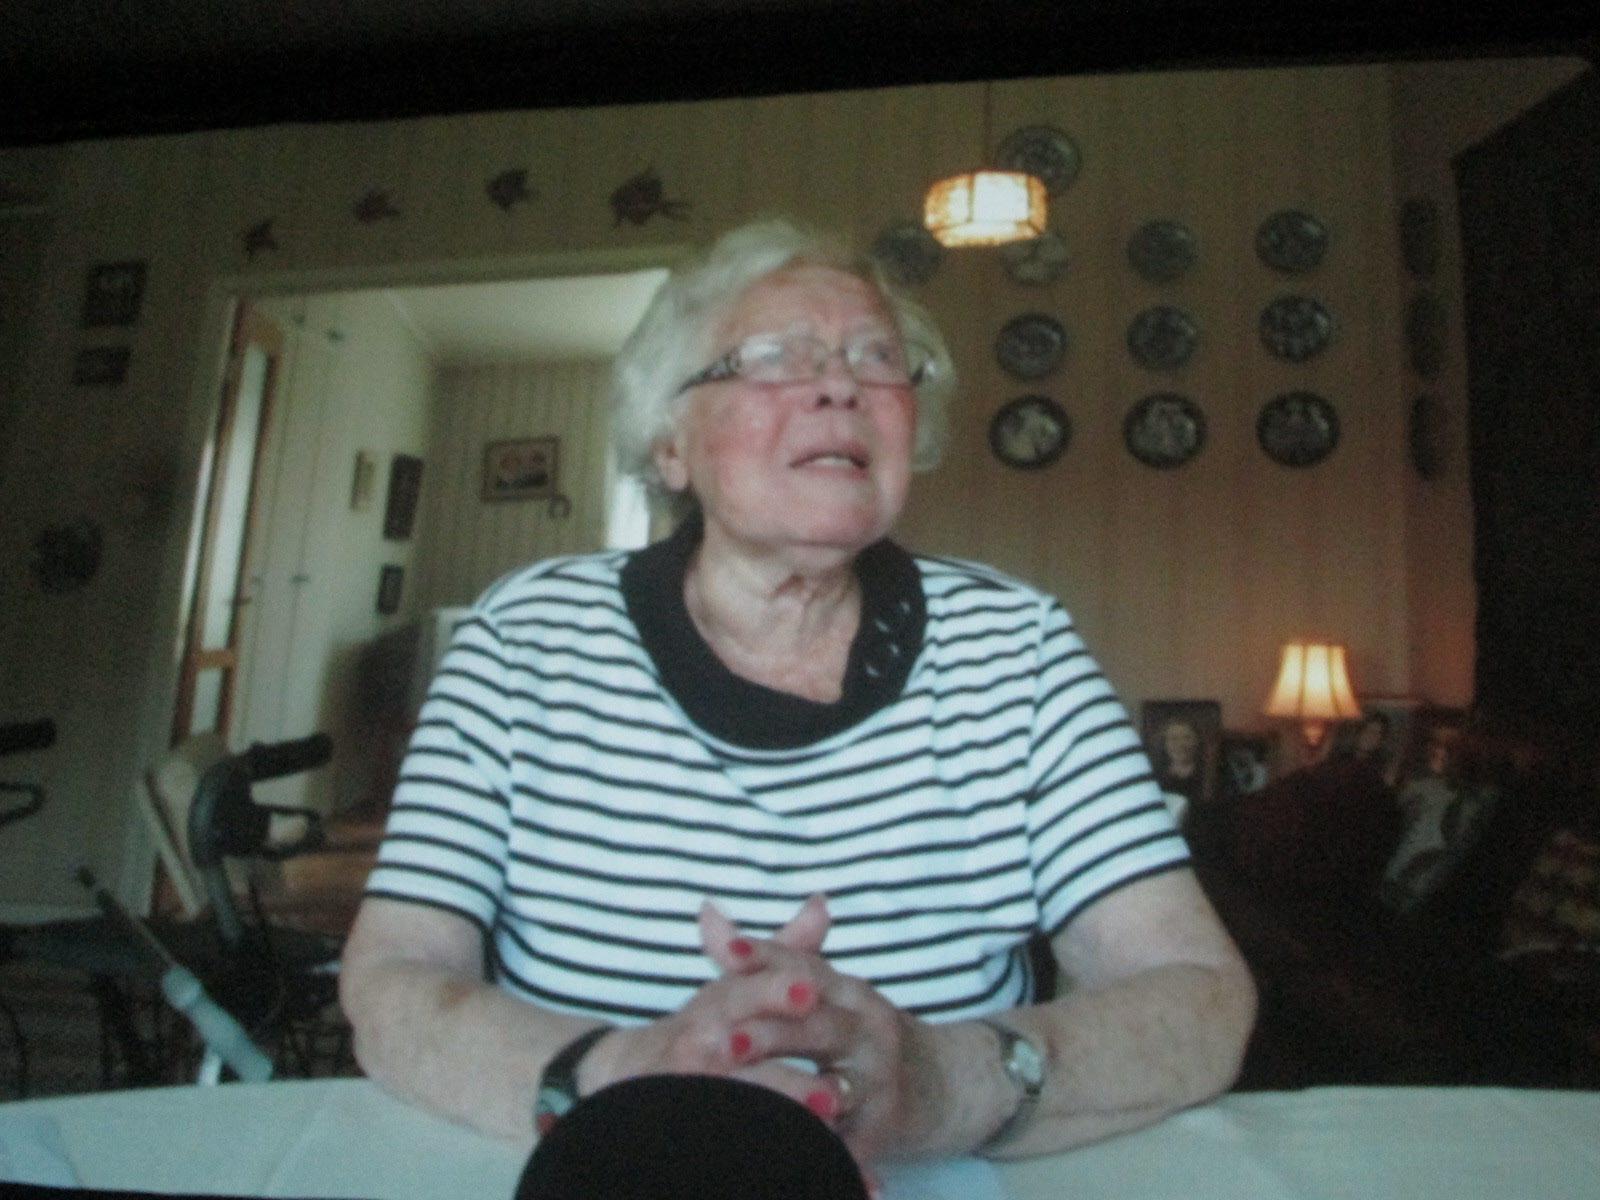 Krokstrands 96-åriga stenhuggardotter, Aslög, berättar på filmen om det oerhörda slit som kvinnorna hade med barn, mat, tvätt och spritande gubbar för att få det hela att gå ihop hemma